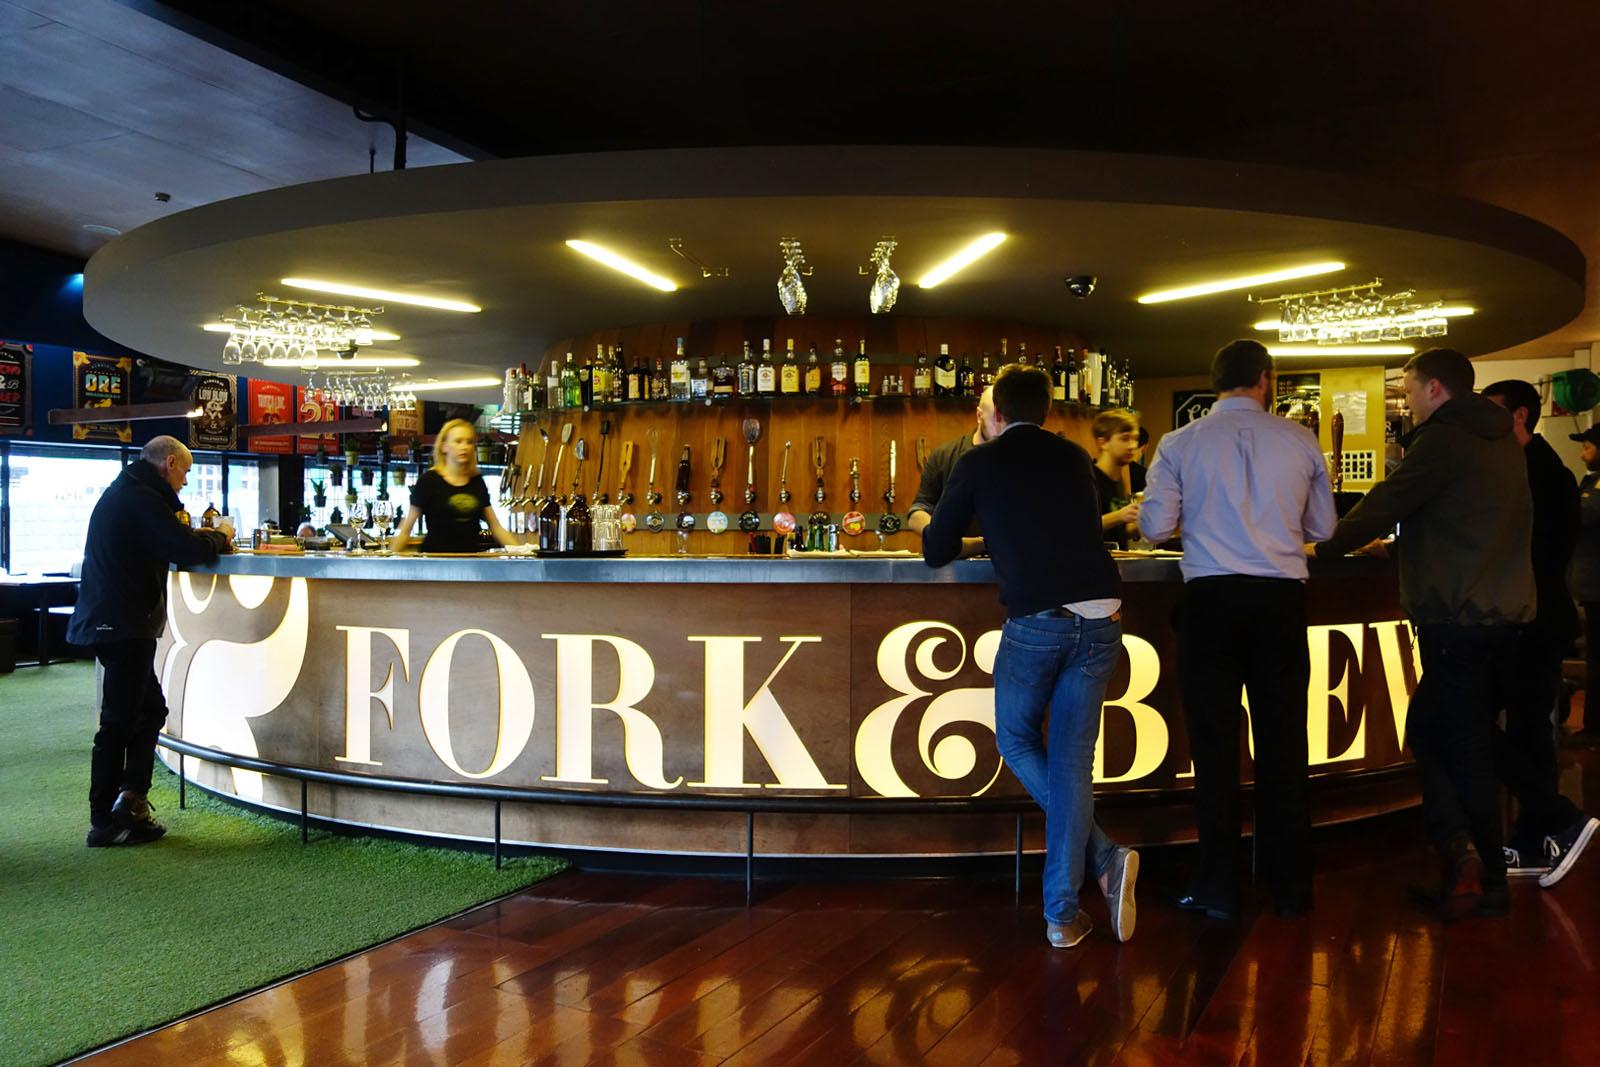 Fork&Brewer